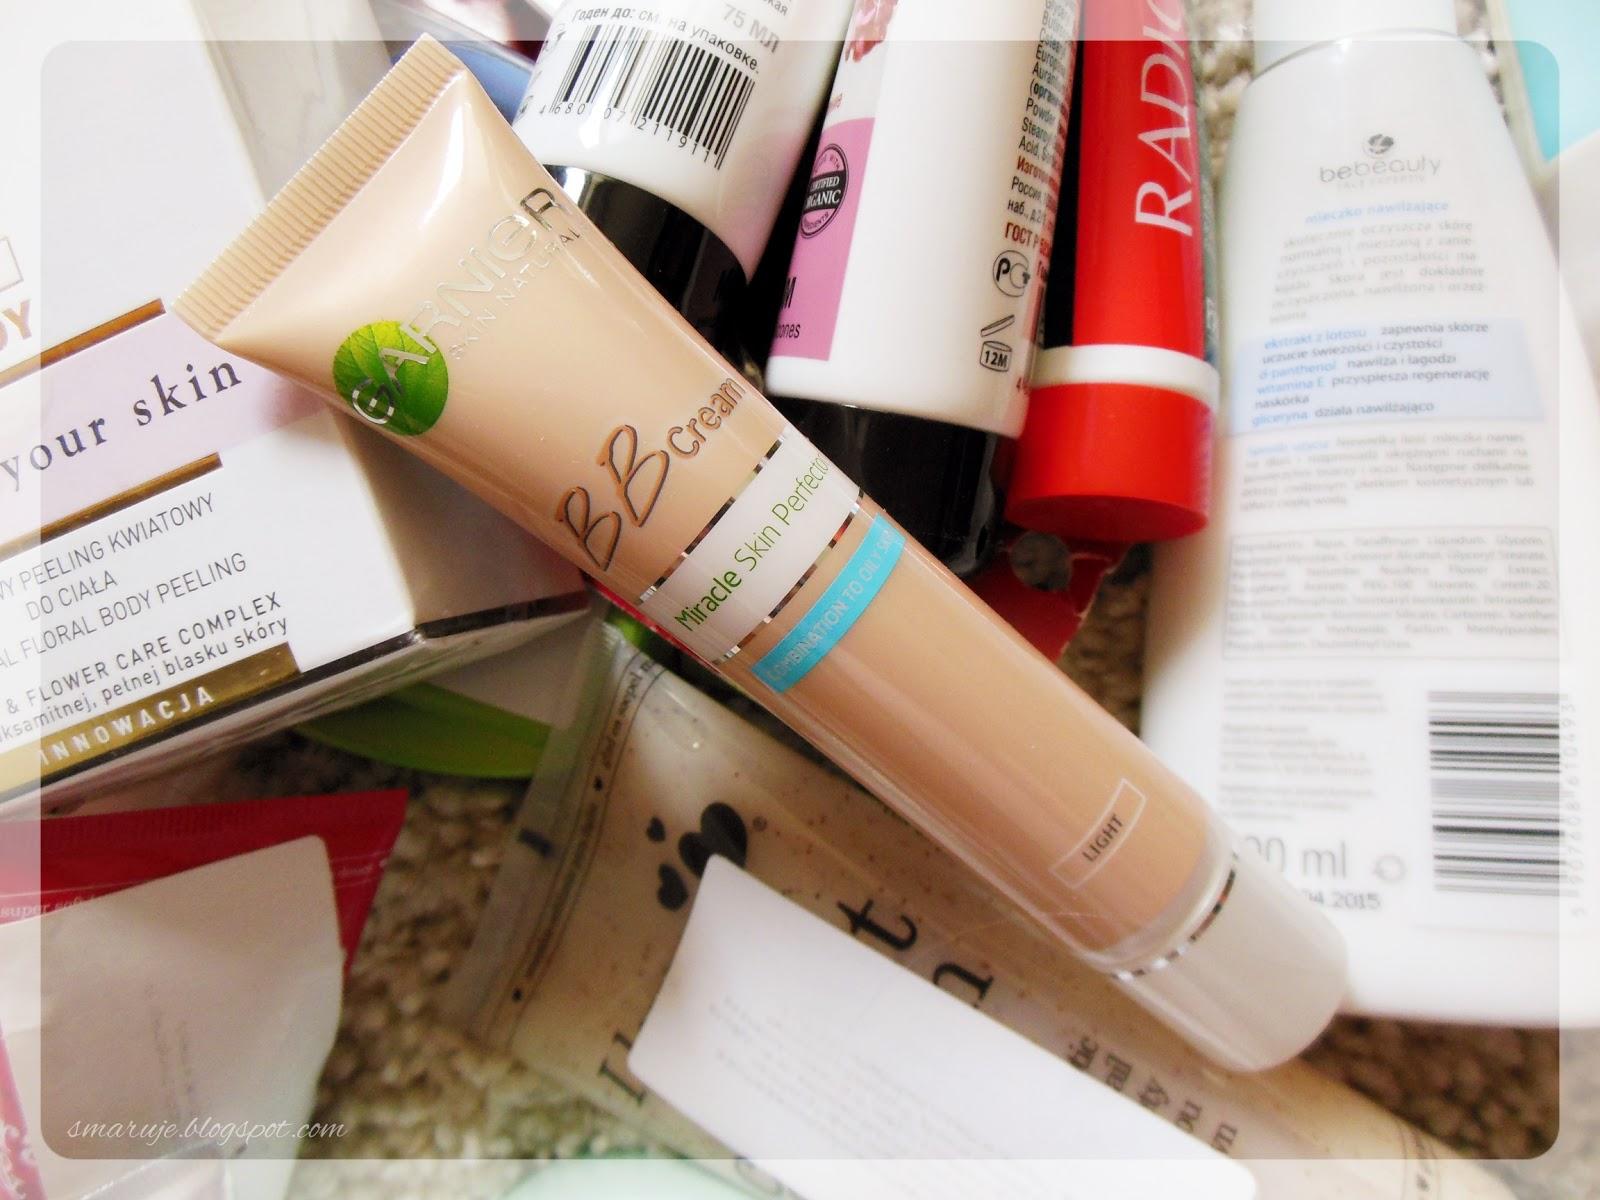 Zagadkowy Garnier – Miracle Skin Perfector –krem BB dla cery tłustej i mieszanej [recenzja]